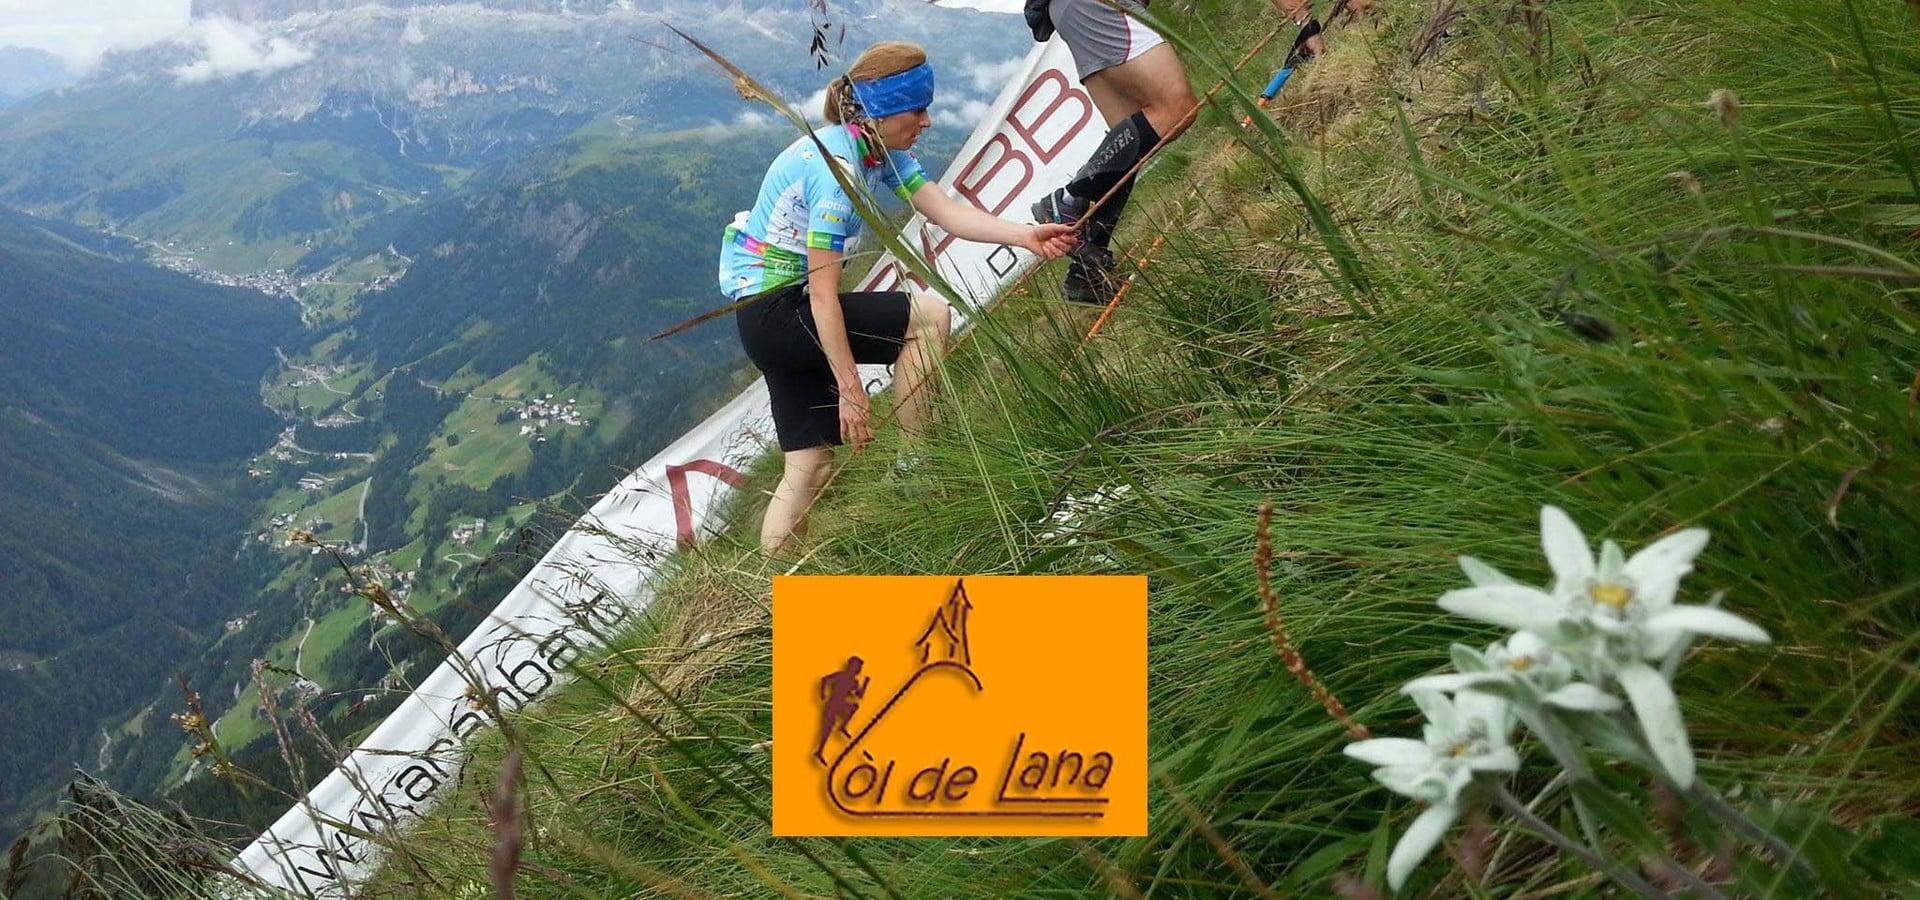 28.07.19 Vertical KM Col di Lana